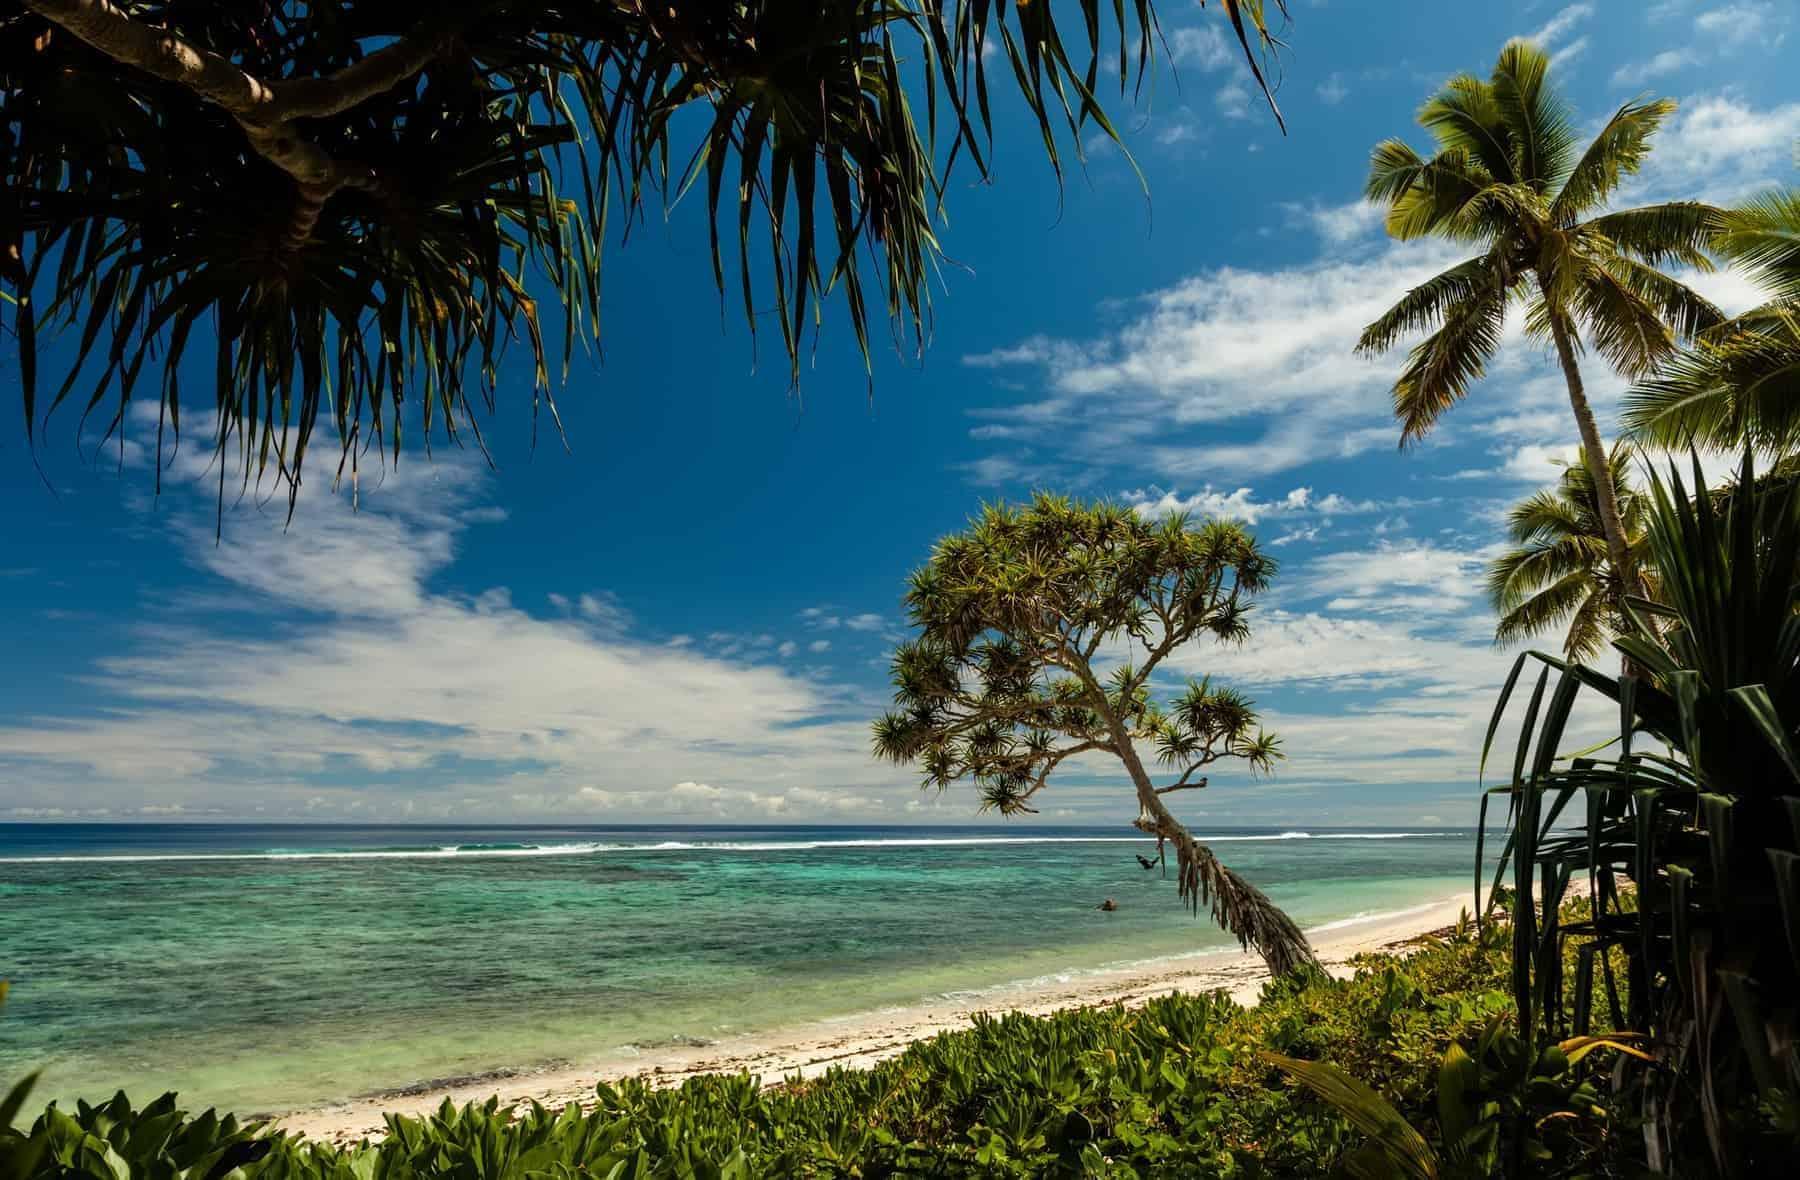 Rejsemål i Stillehavet Tonga en stor øgruppe og skønhed